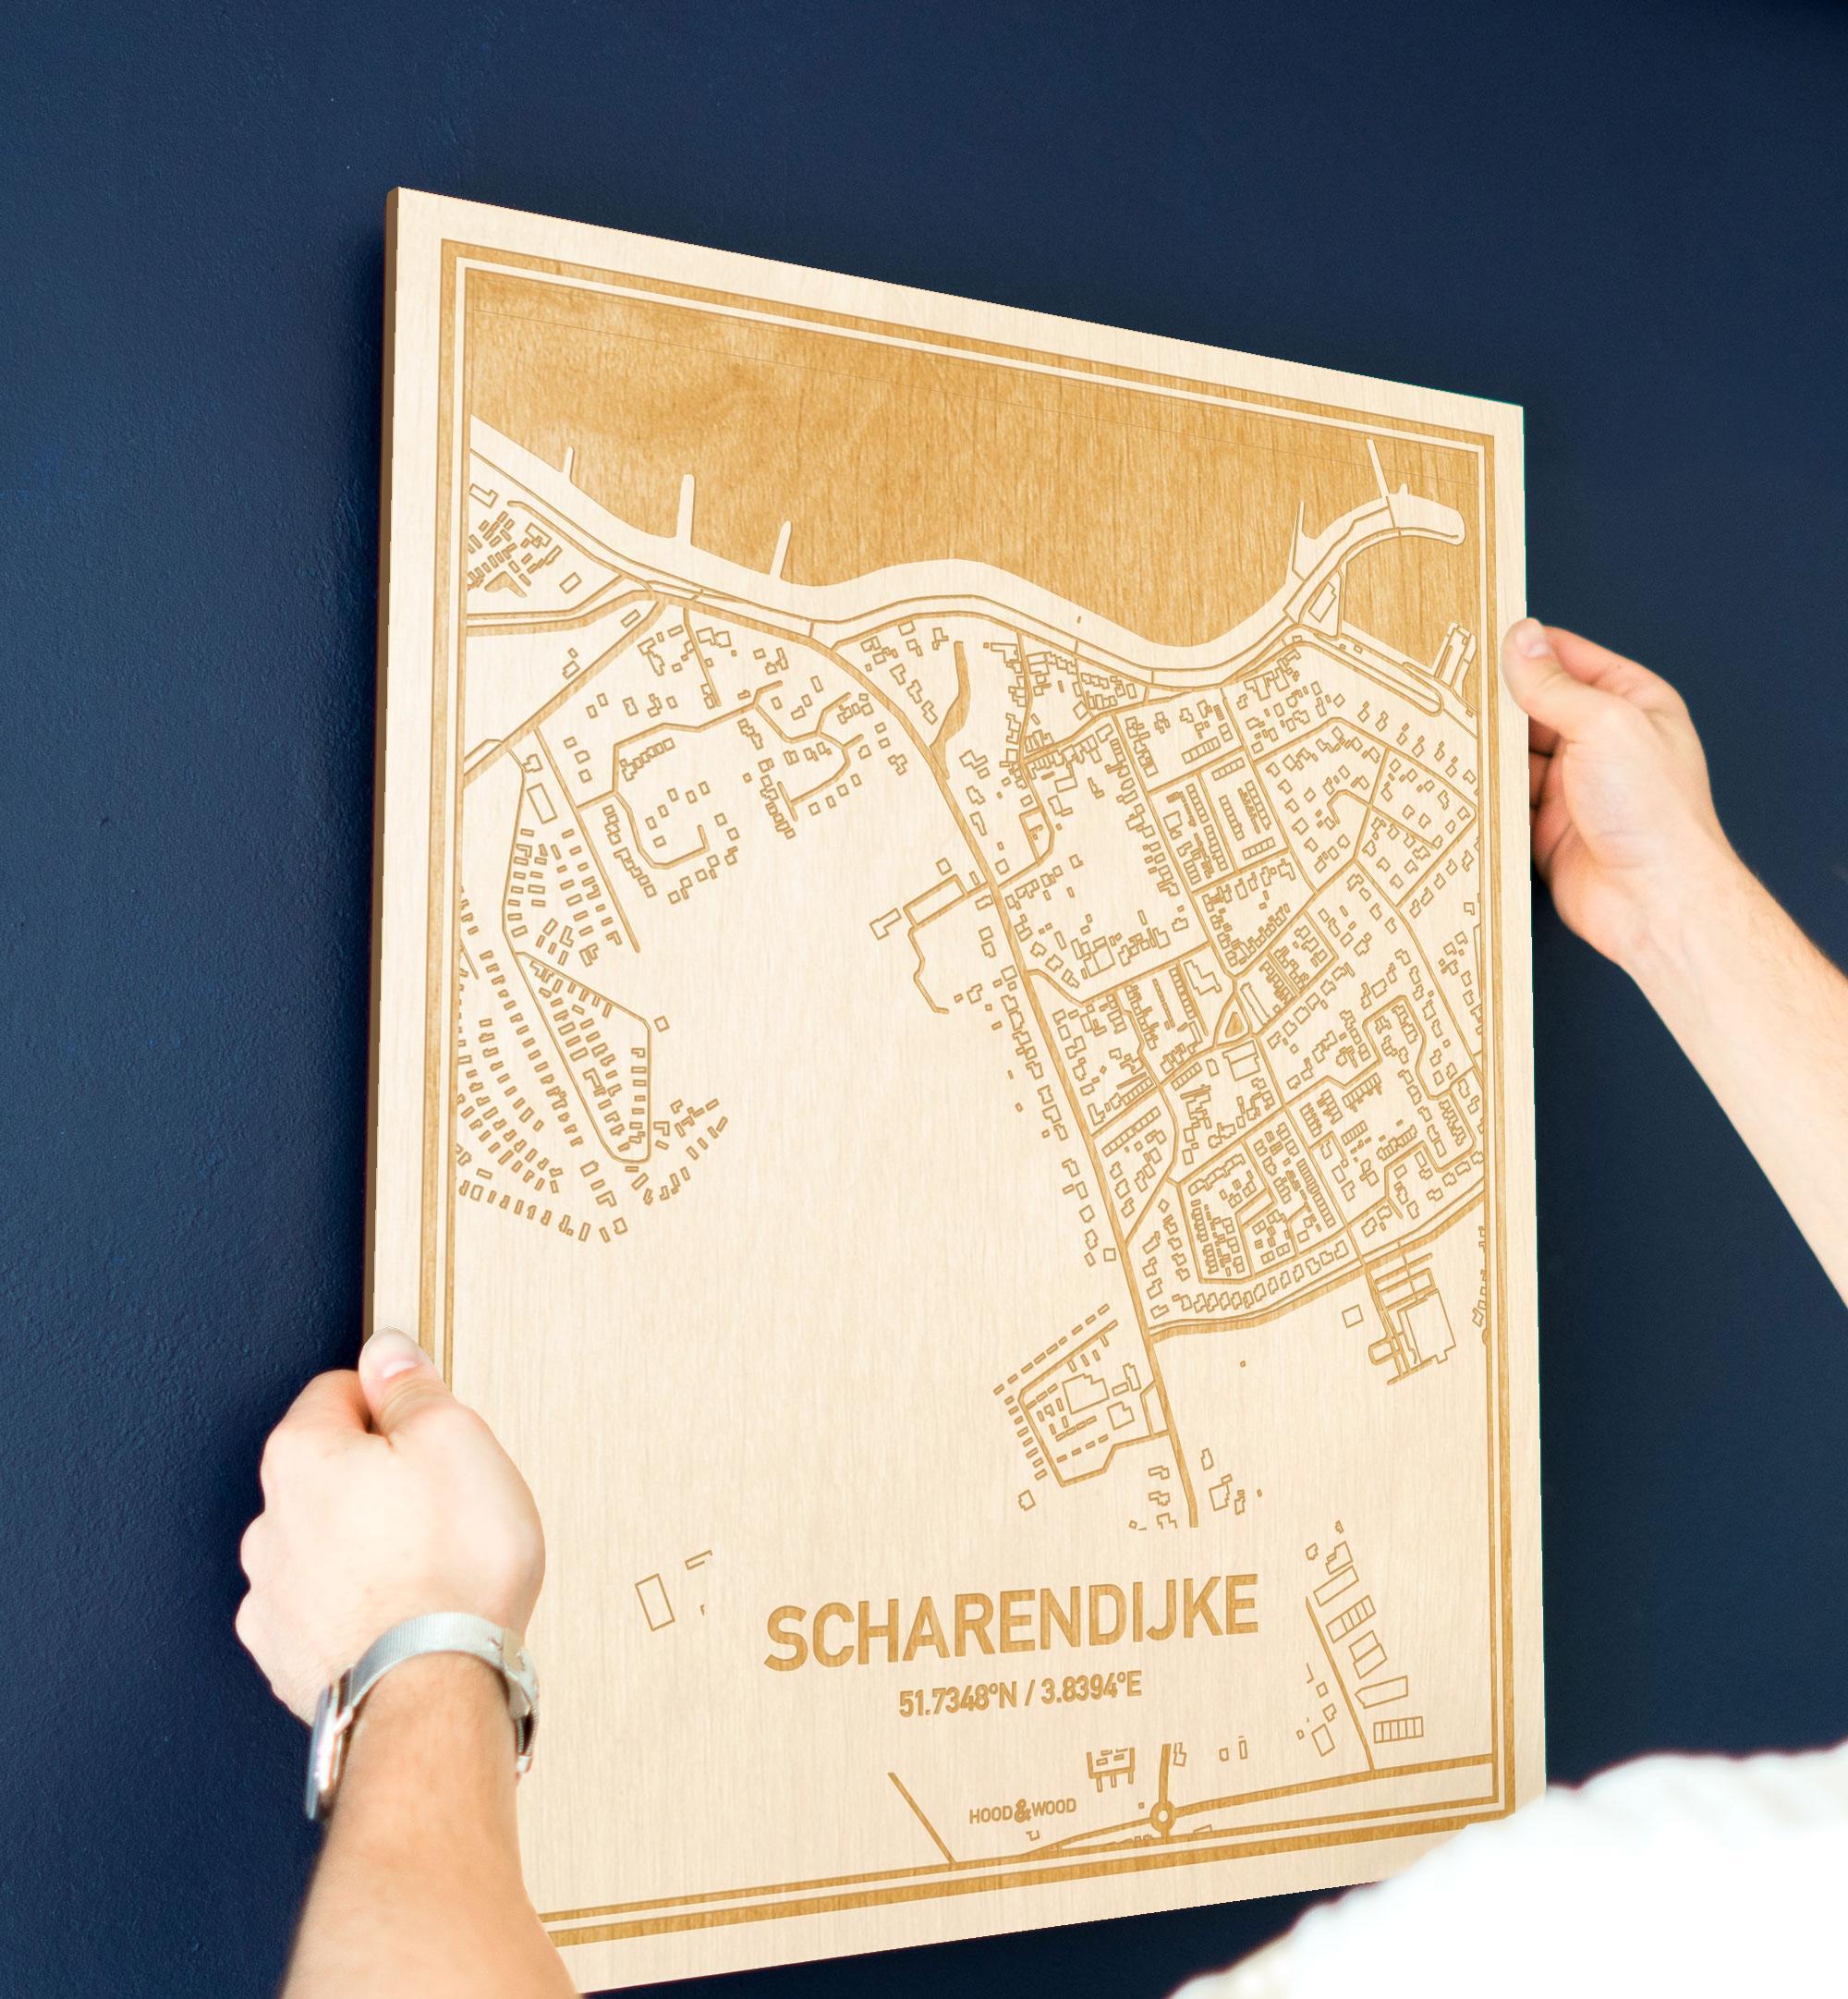 Een man hangt de houten plattegrond Scharendijke aan zijn blauwe muur ter decoratie. Je ziet alleen zijn handen de kaart van deze bijzondere in Zeeland vasthouden.